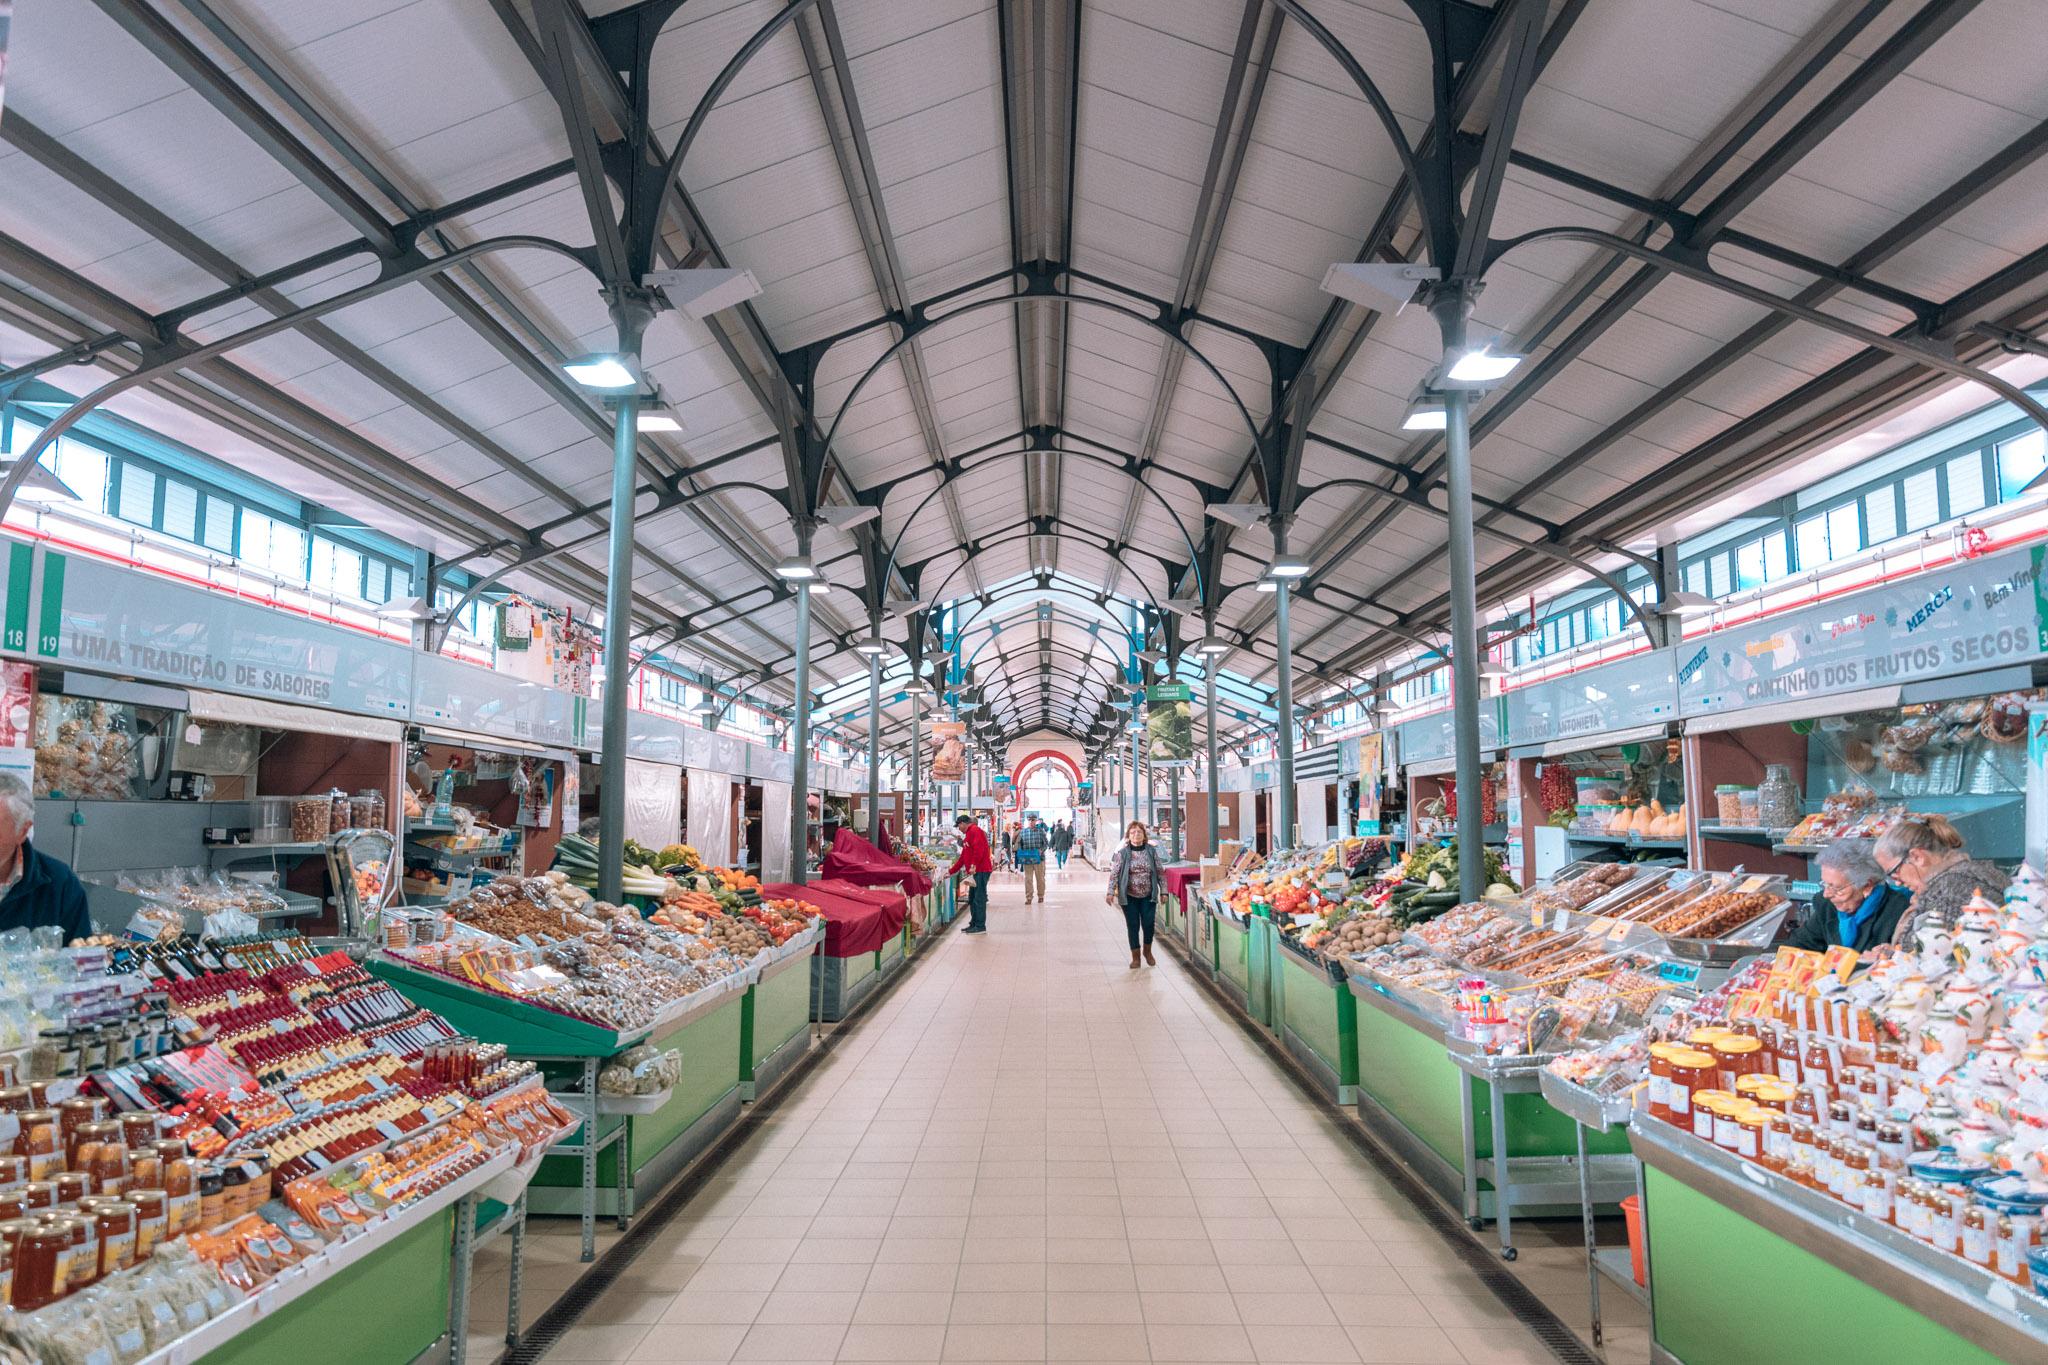 zaterdag markt loulé